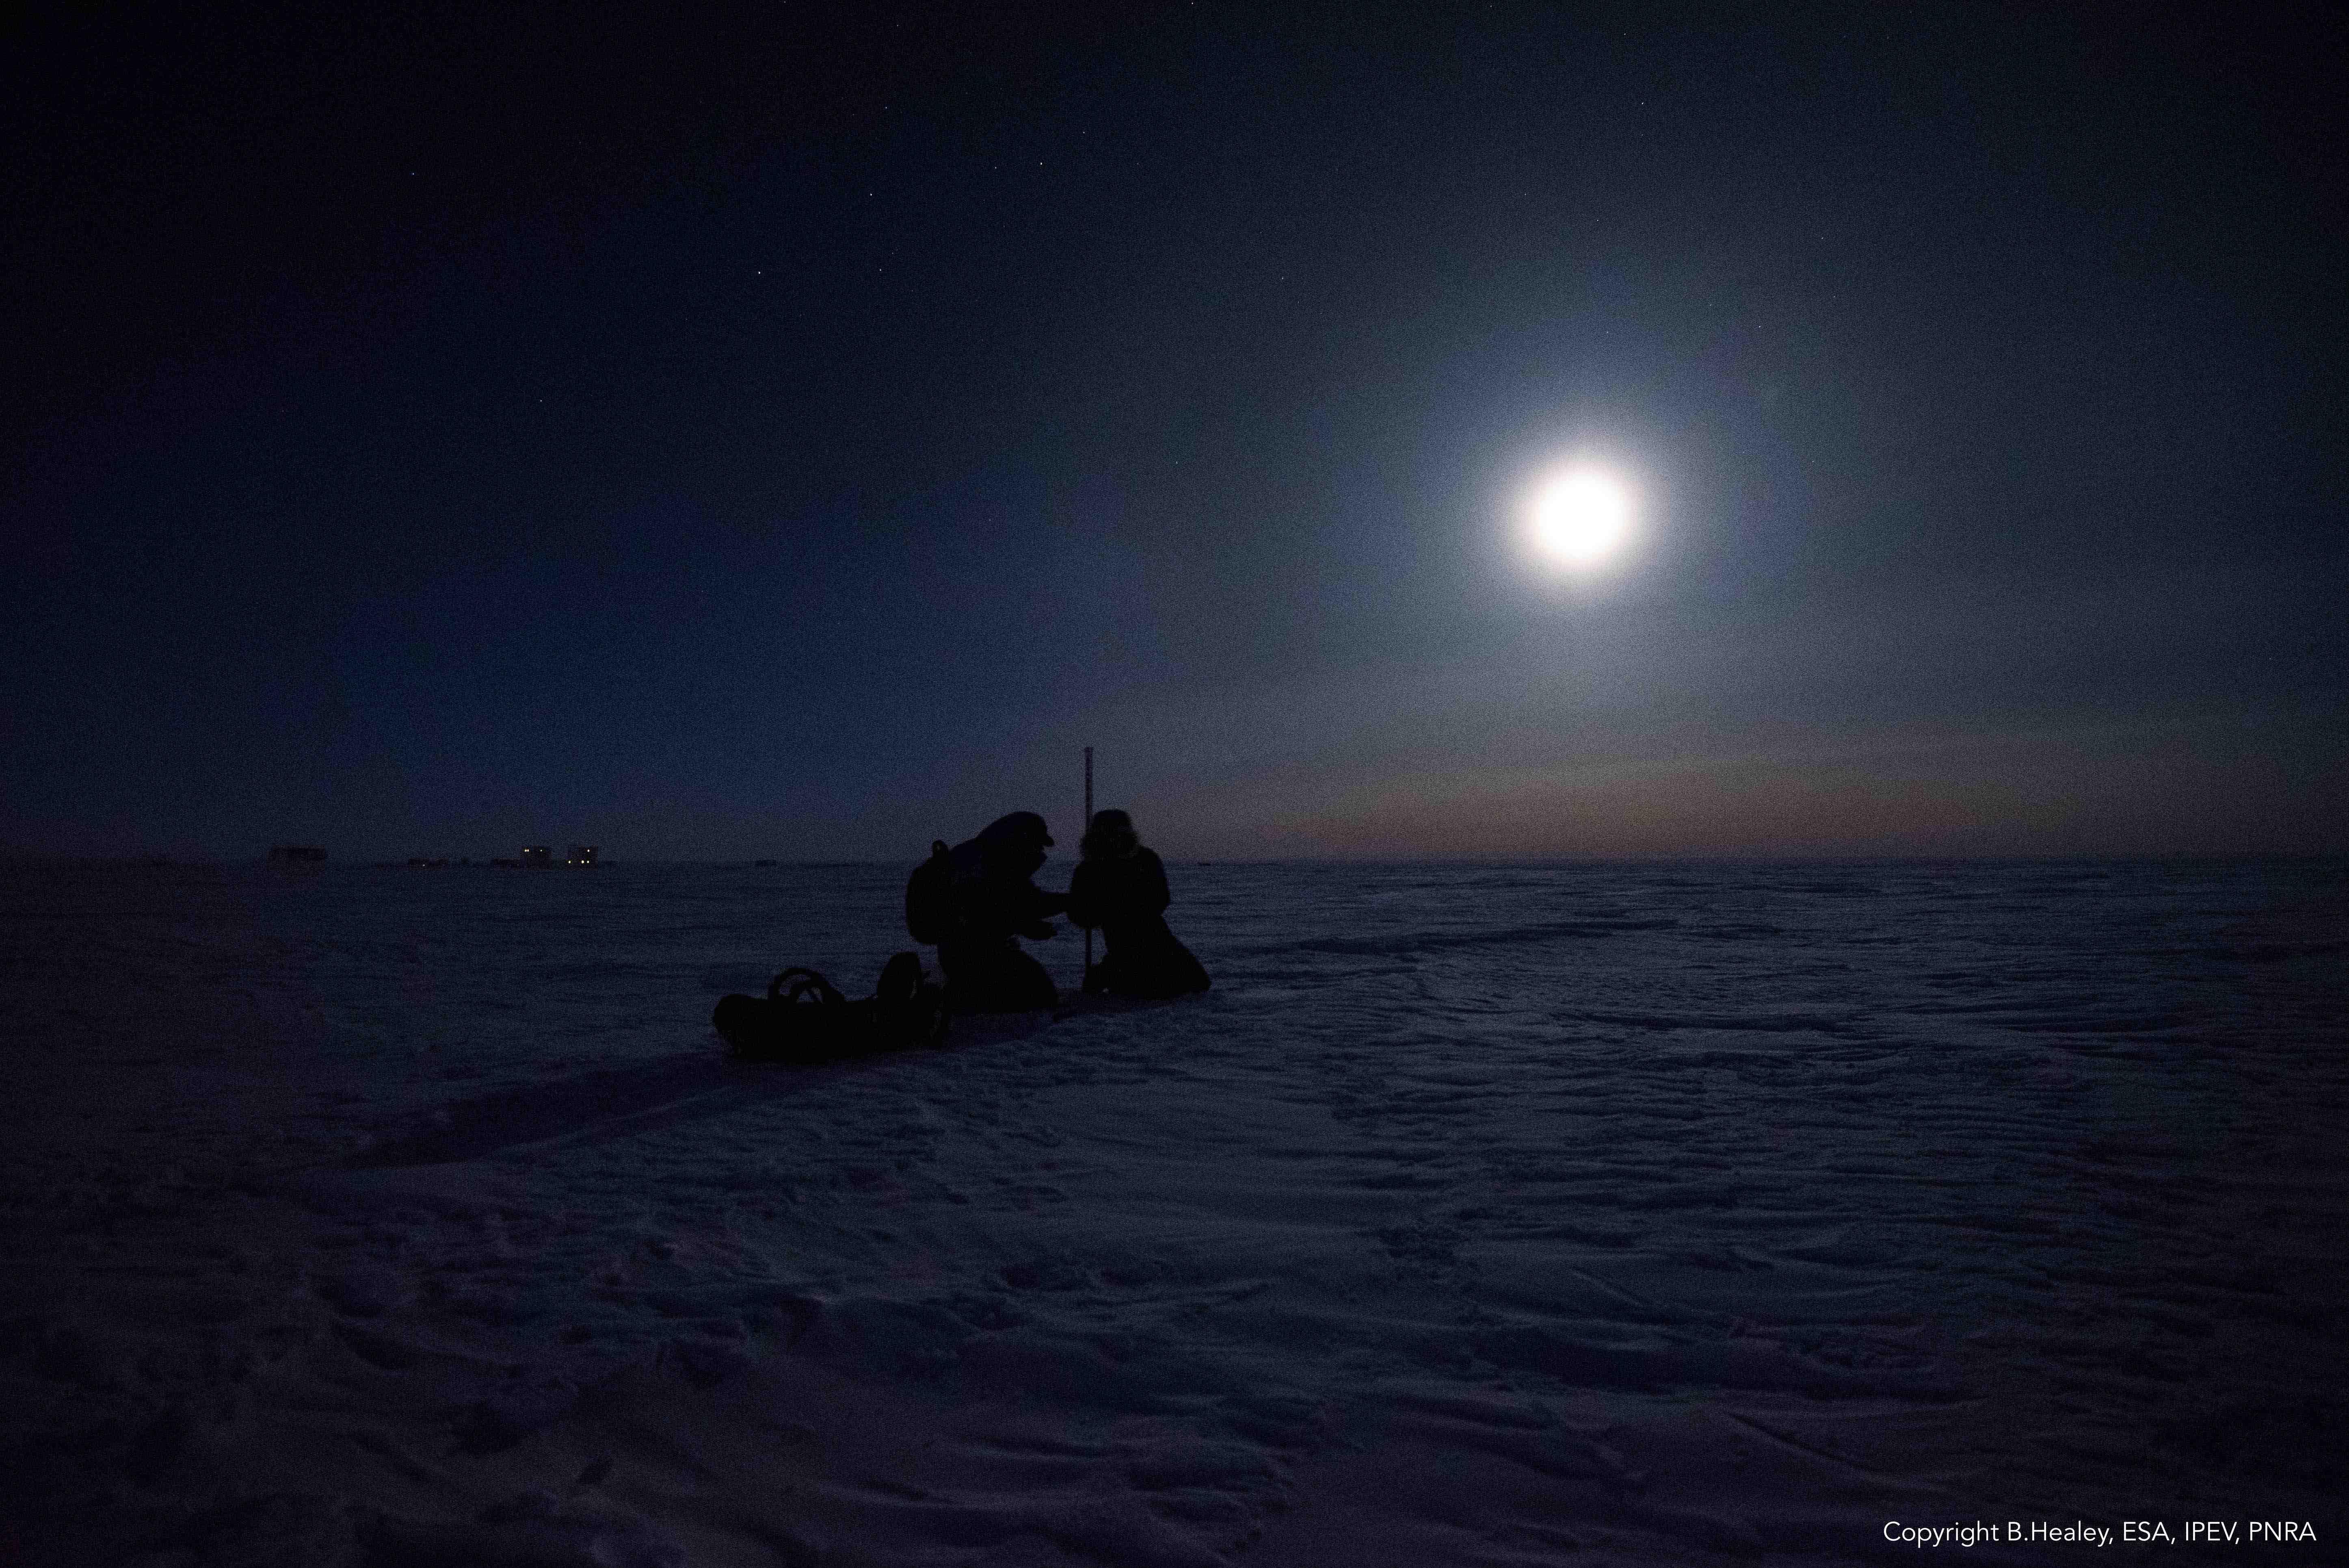 Moonlight Travel Agency